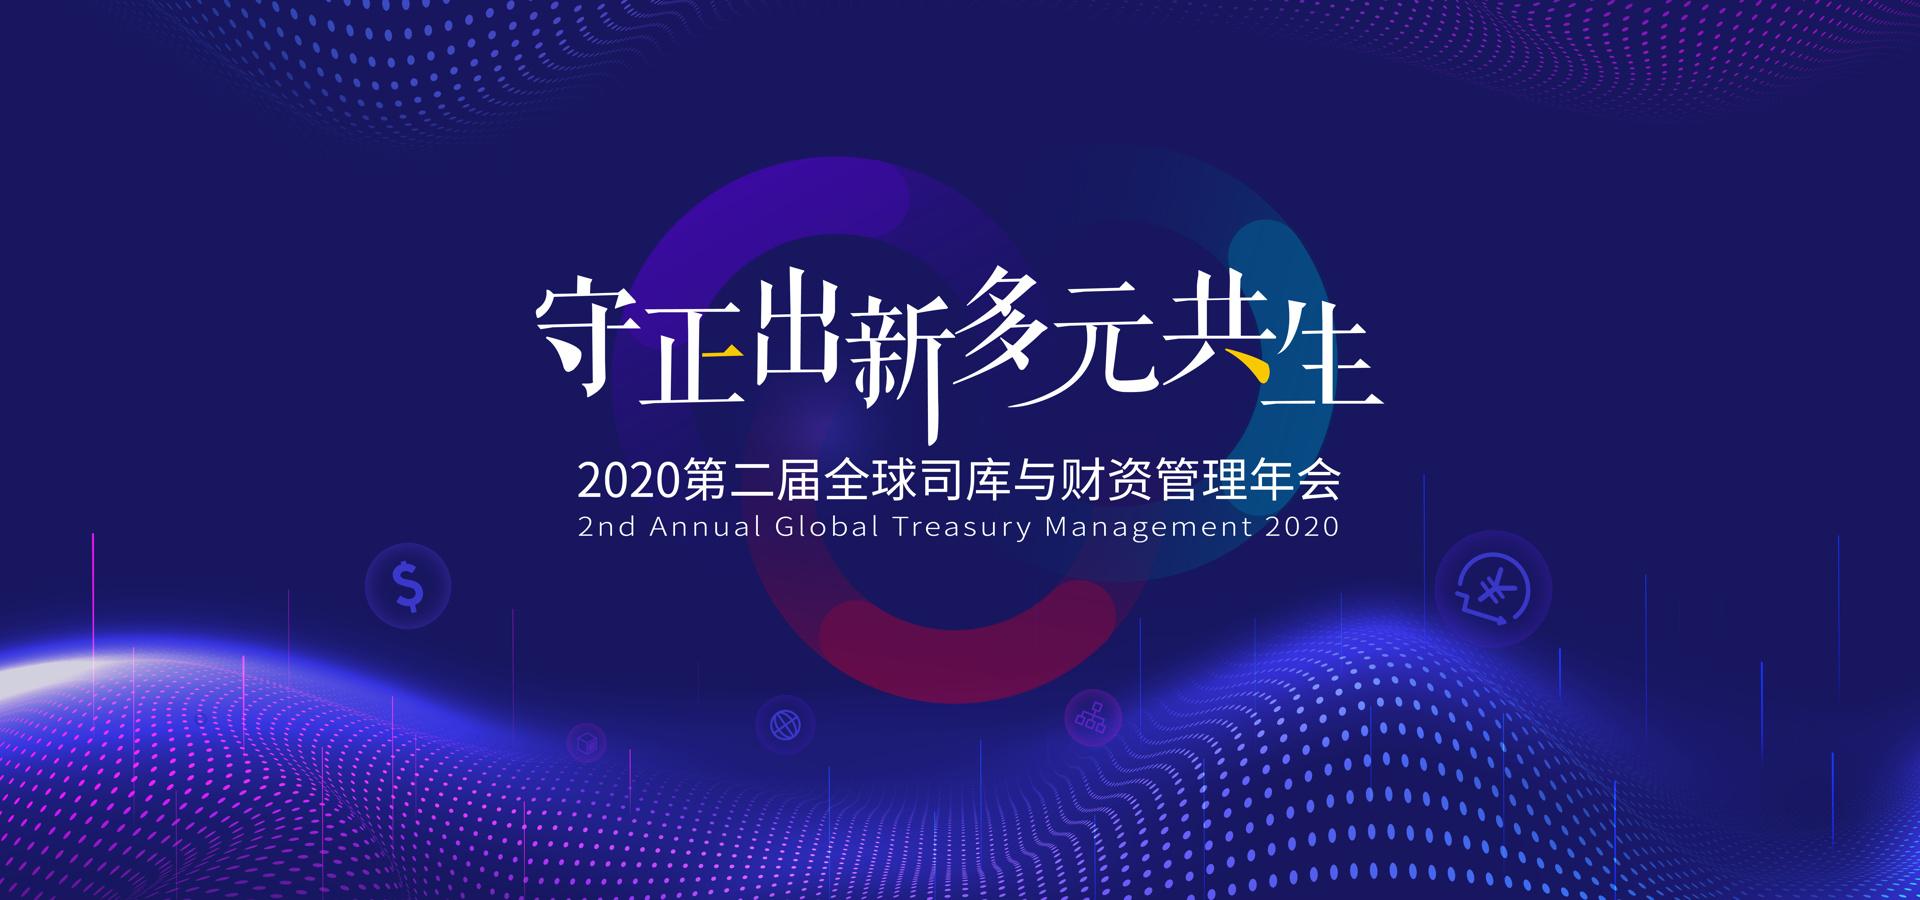 2020年全球司庫與財資管理年會